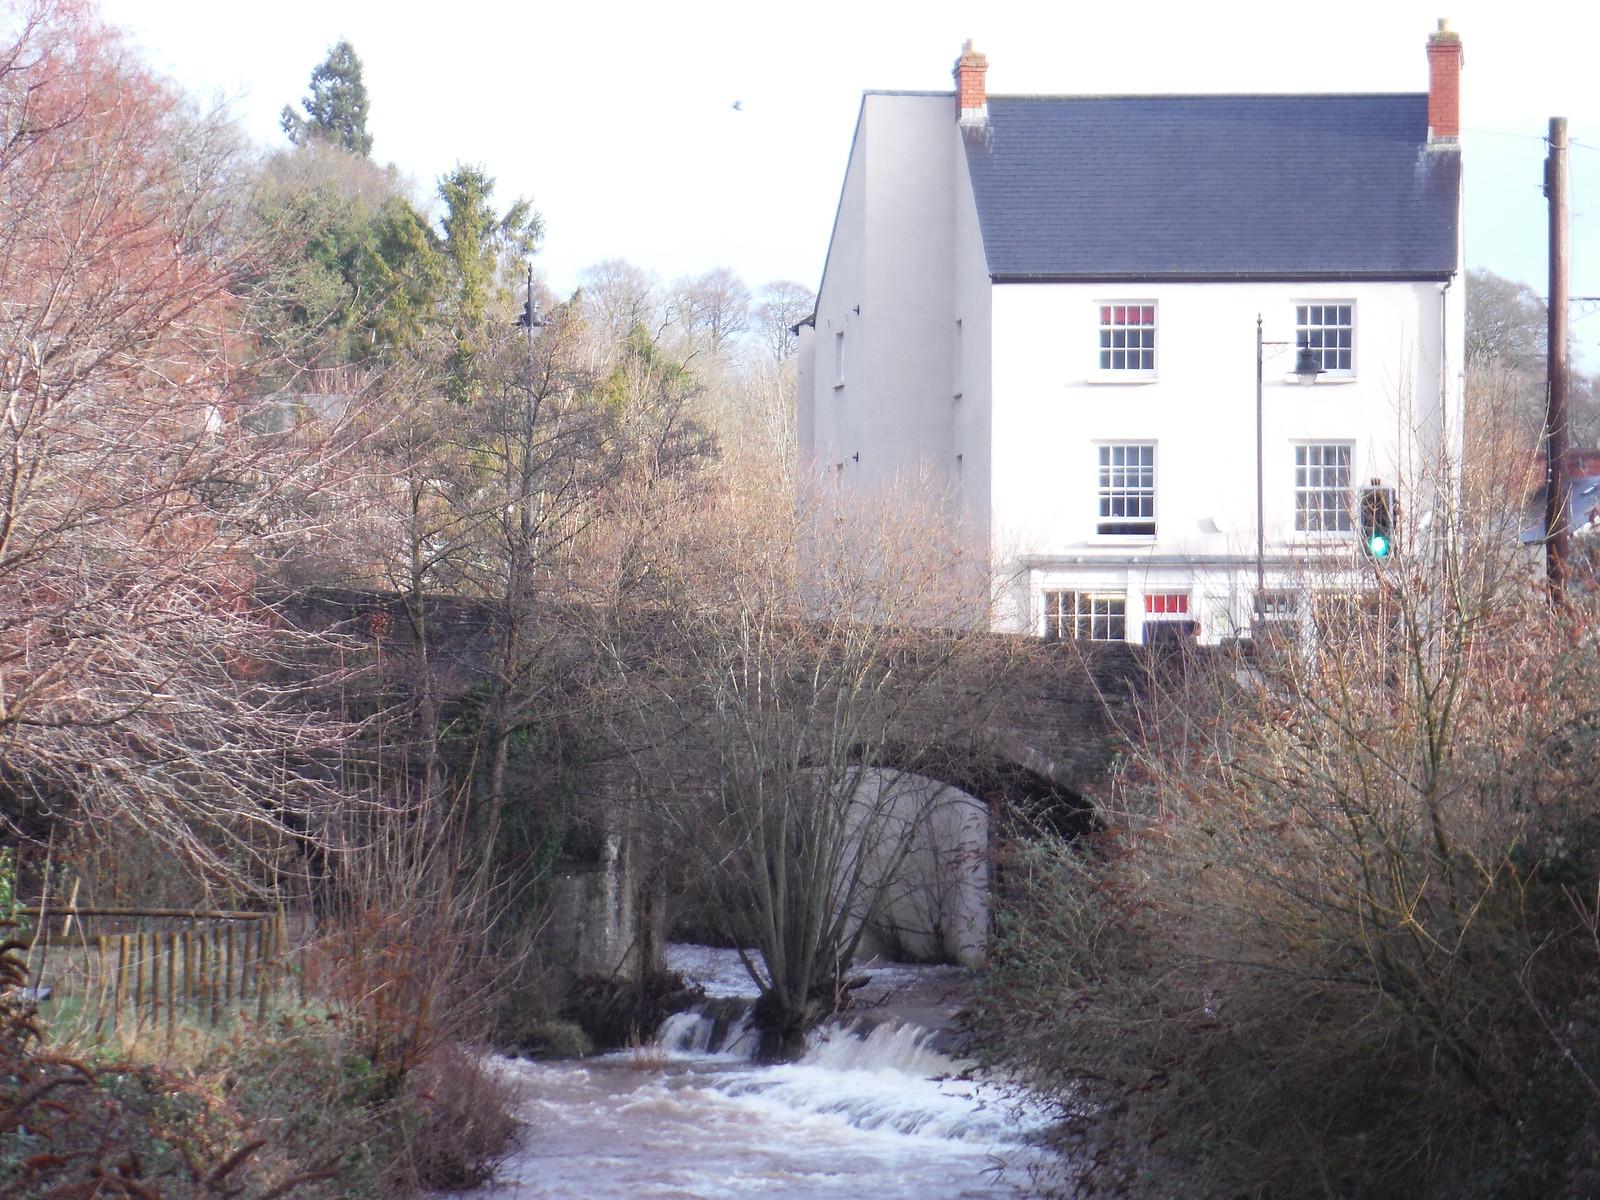 Bridge over River Honddu, Brecon SWC Walk 306 - Brecon Circular (via Y Gaer, Battle and Pen-y-crug)